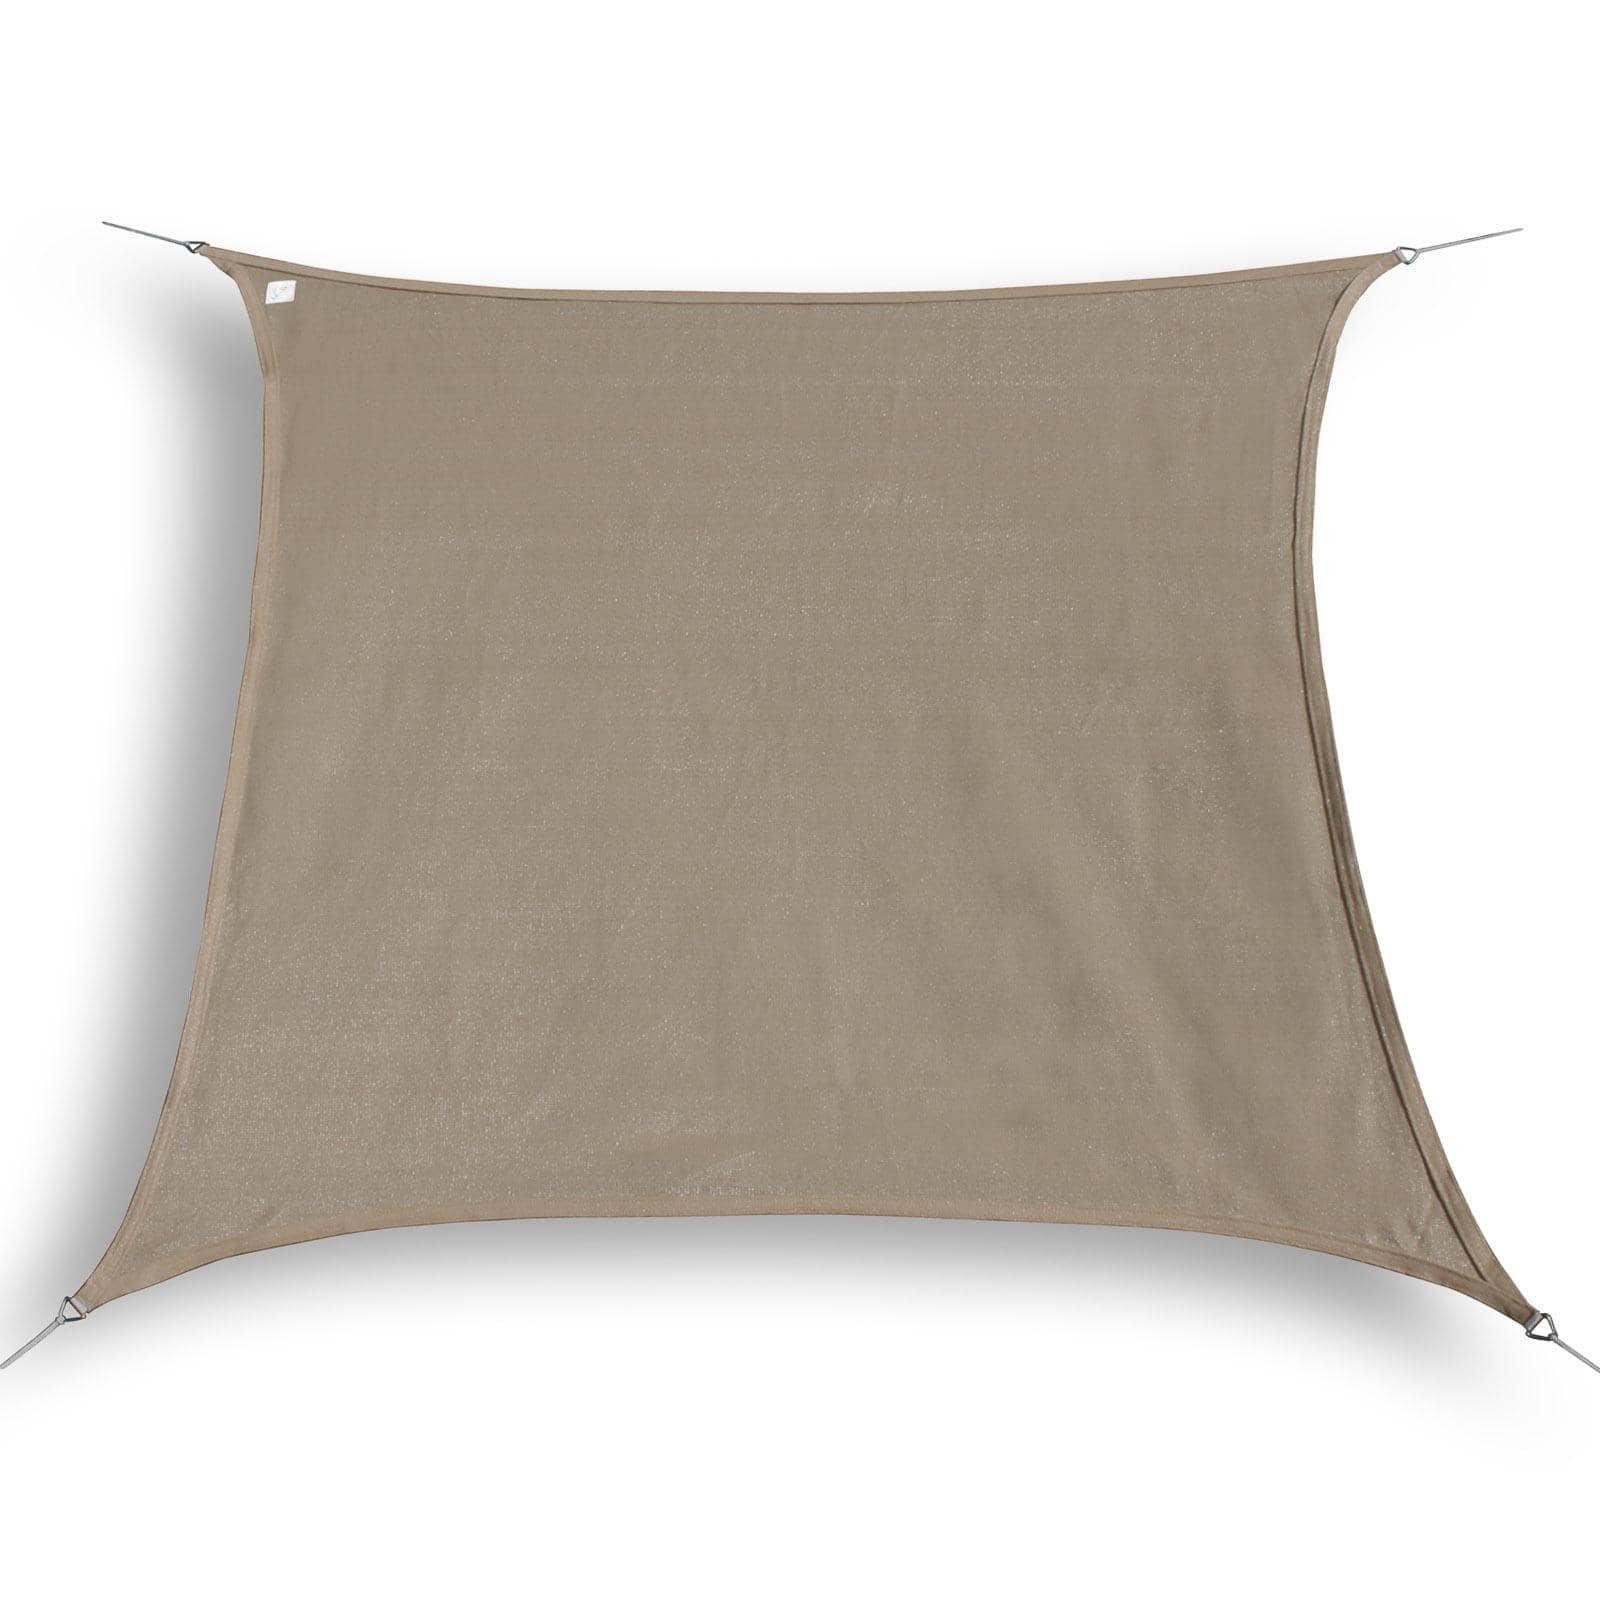 hanSe® Schaduwdoek Vierkant Waterdoorlatend 3x3 m - zonnedoek - Taupe